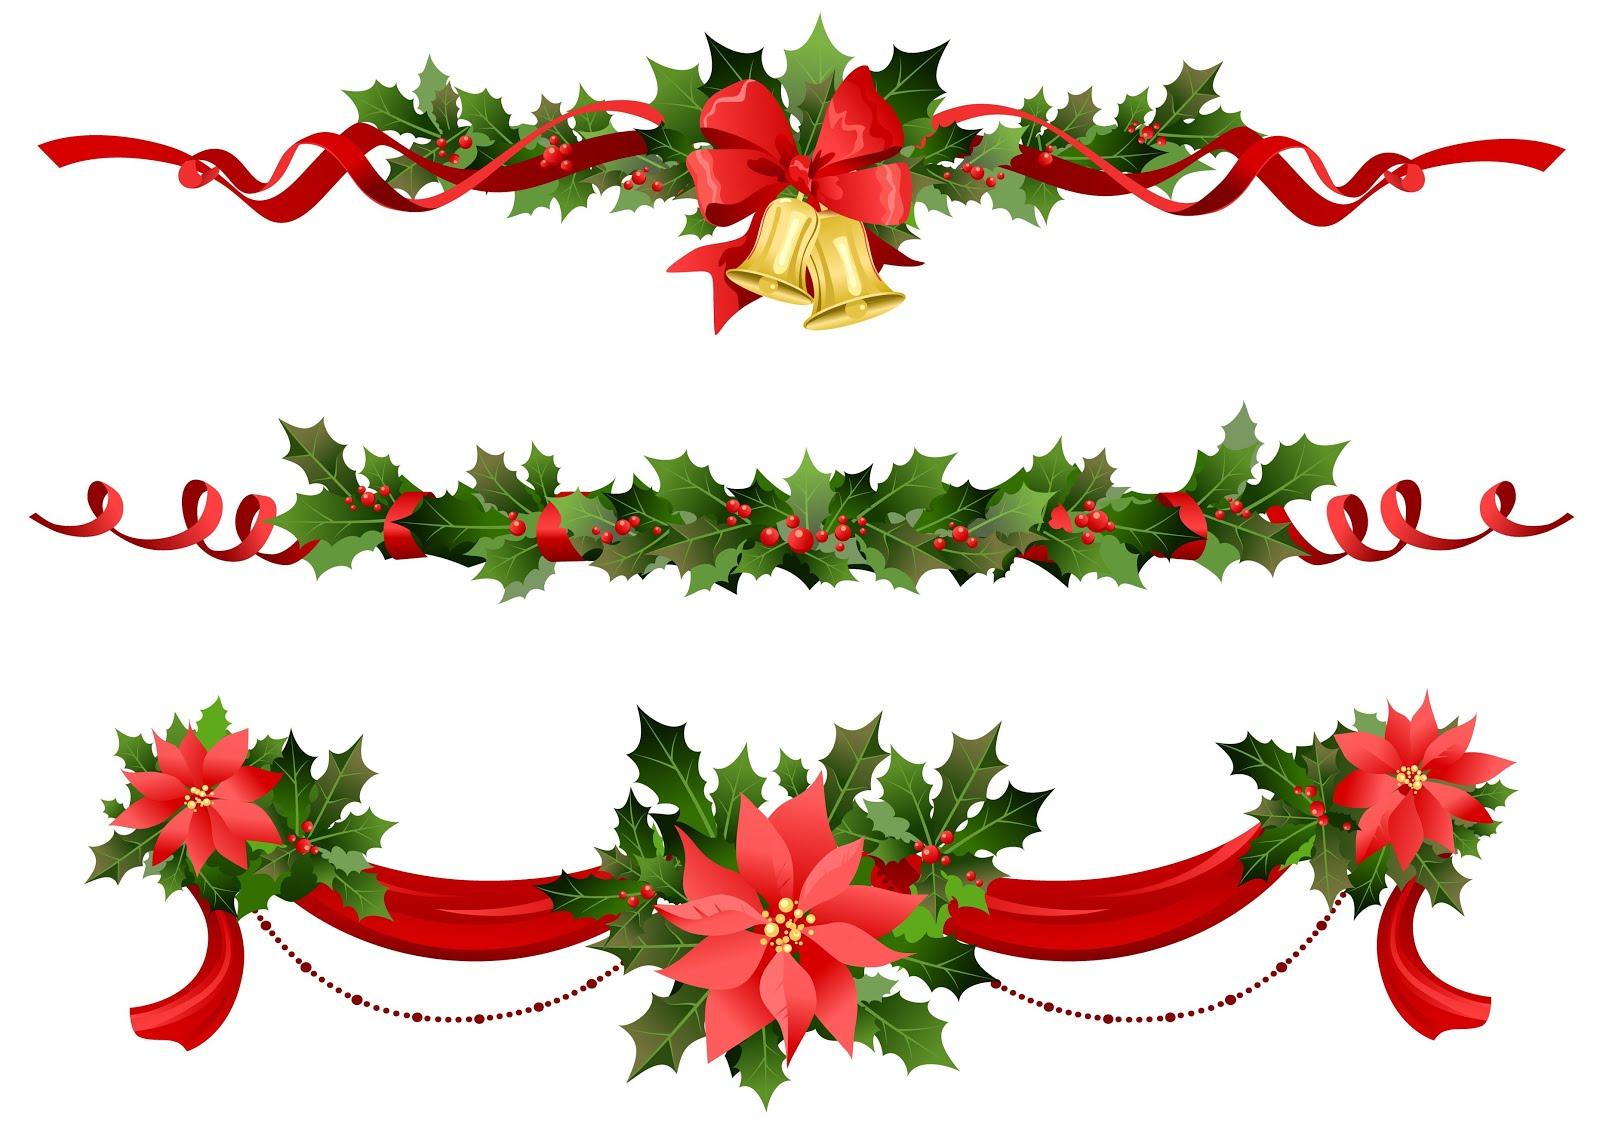 Imagen de cintas para adornos navide os frases de - Decoracion adornos navidenos ...